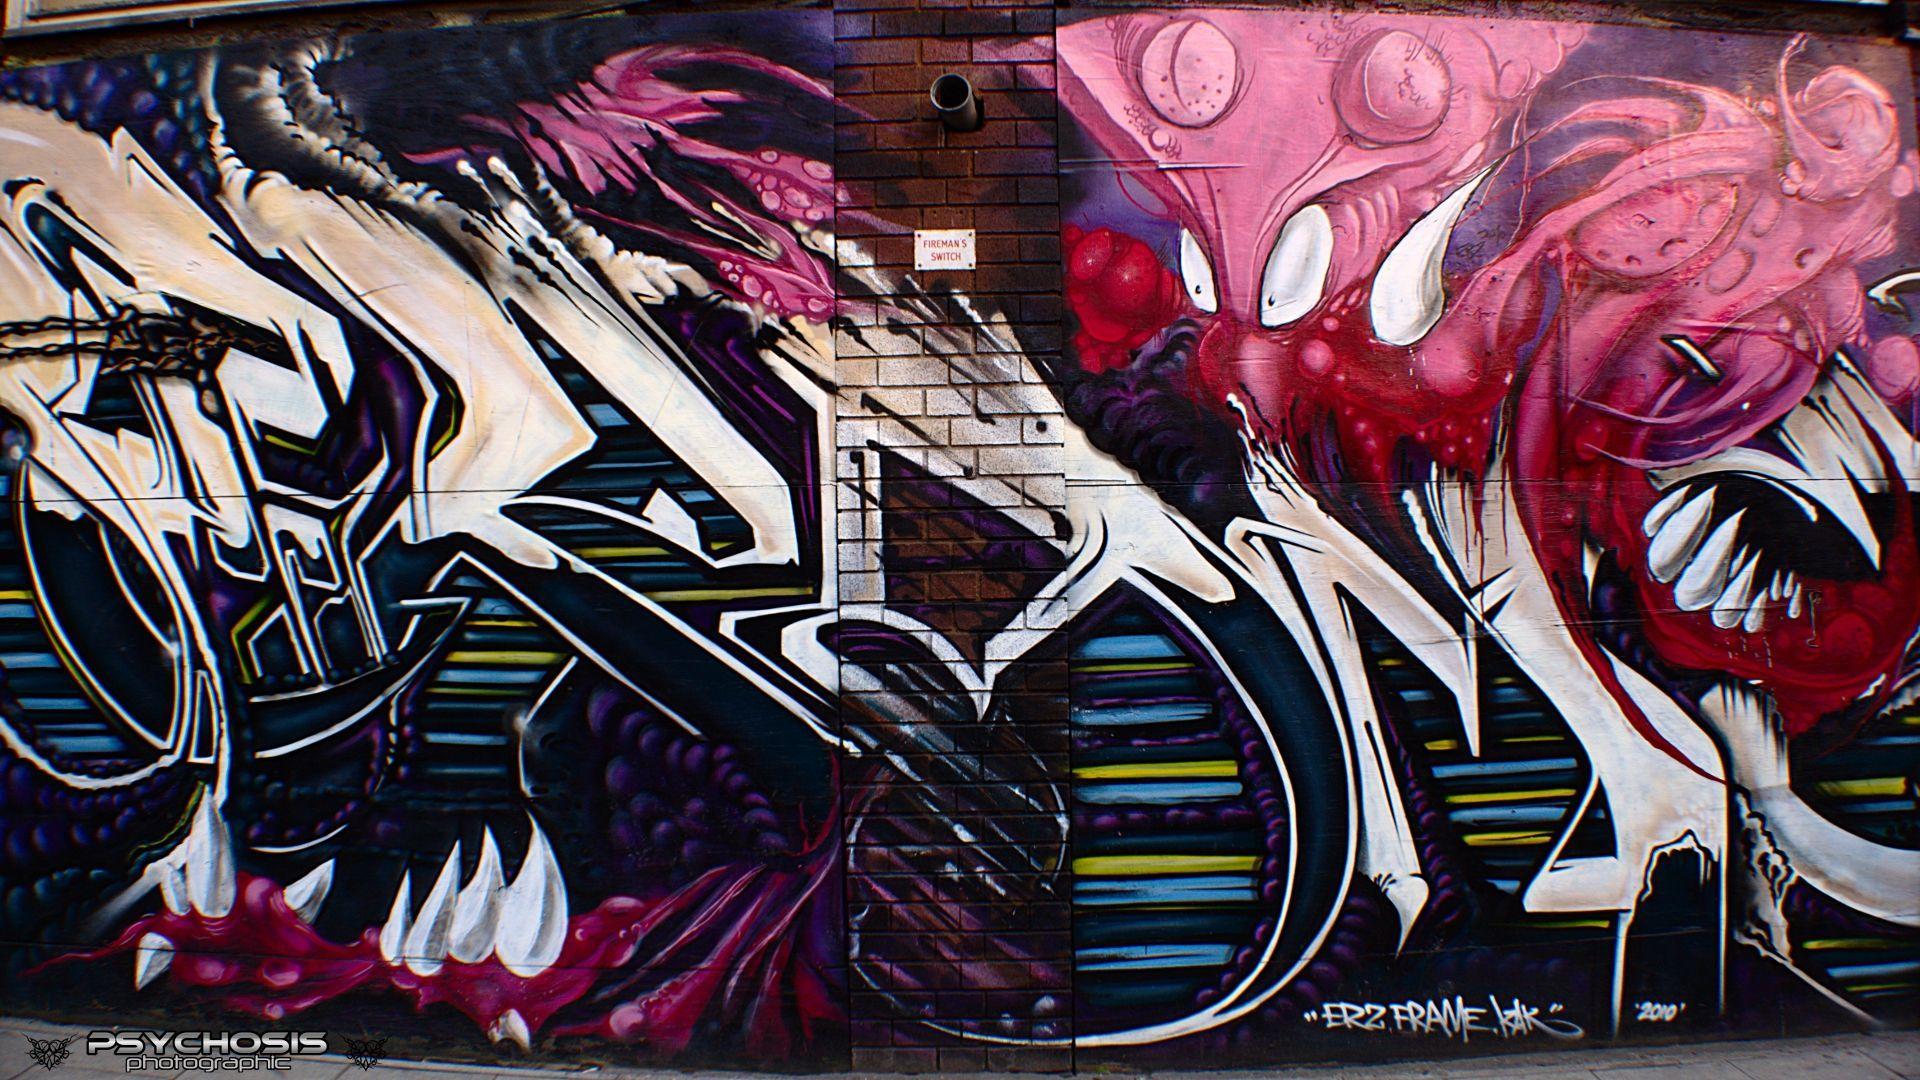 1920x1080 Graffiti Hình nền đô thị Hình nền nghệ thuật đường phố Graffiti, Pc Graffiti